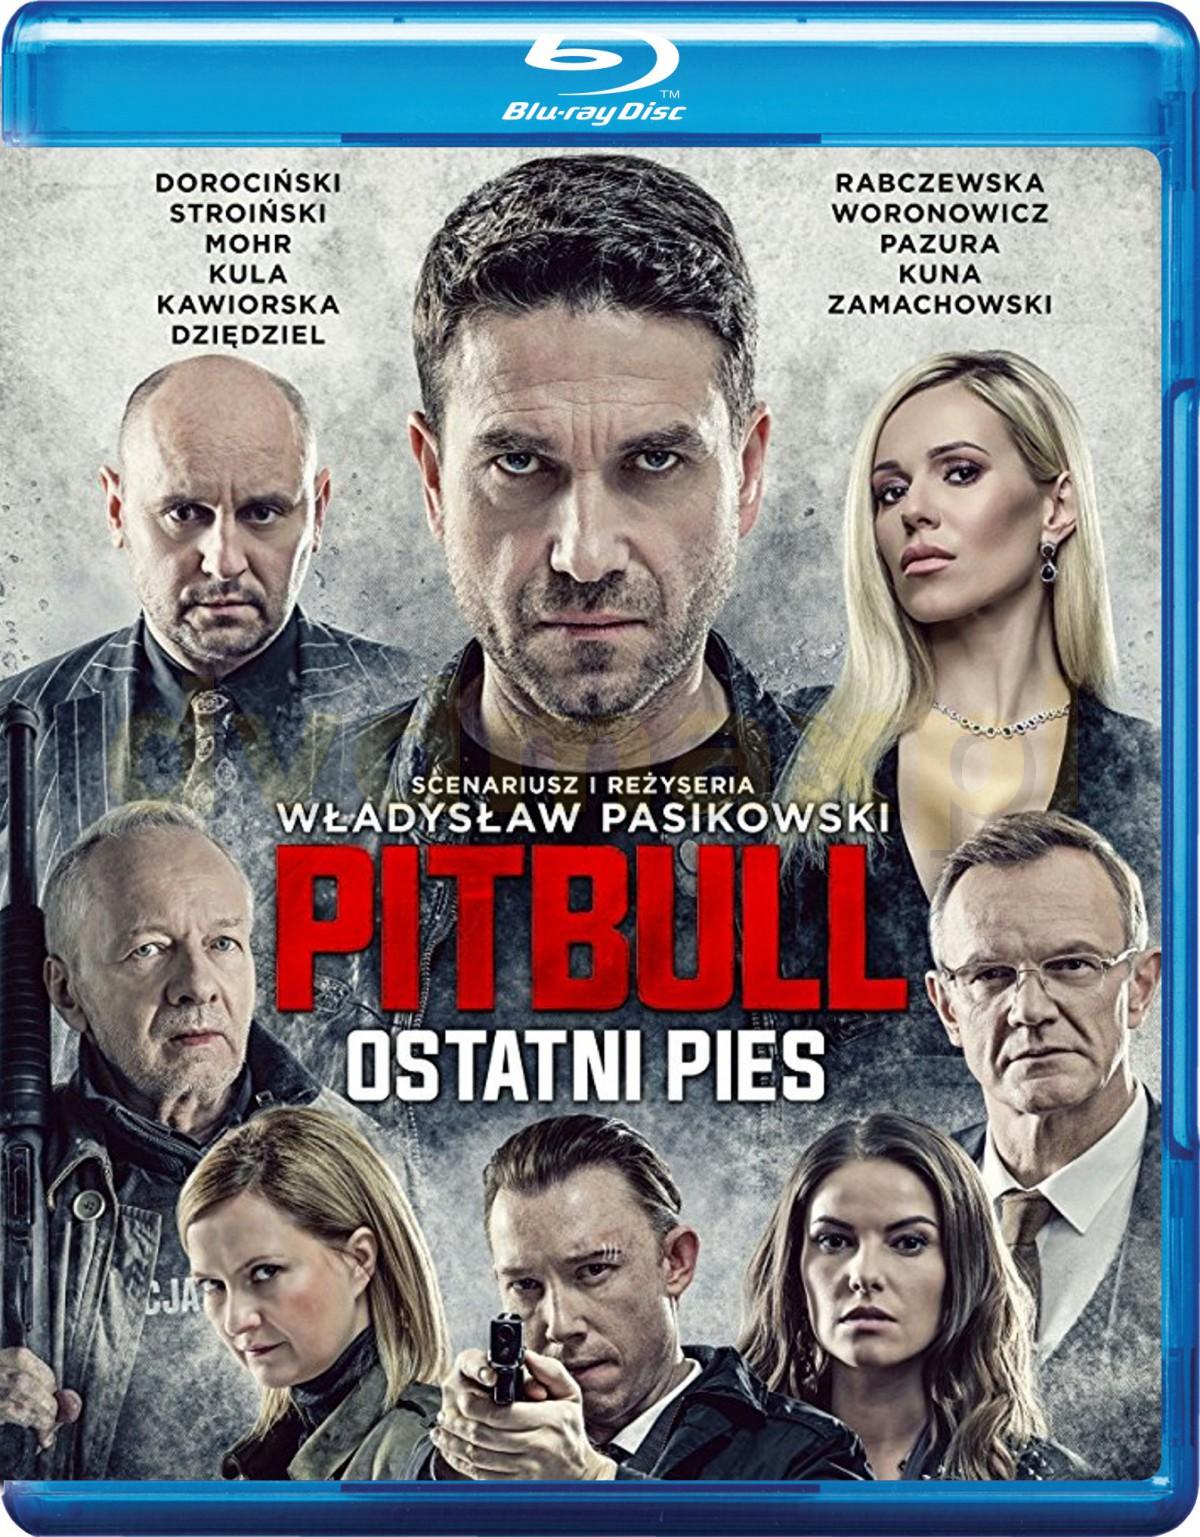 Pitbull. Ostatni pies [Blu-Ray]